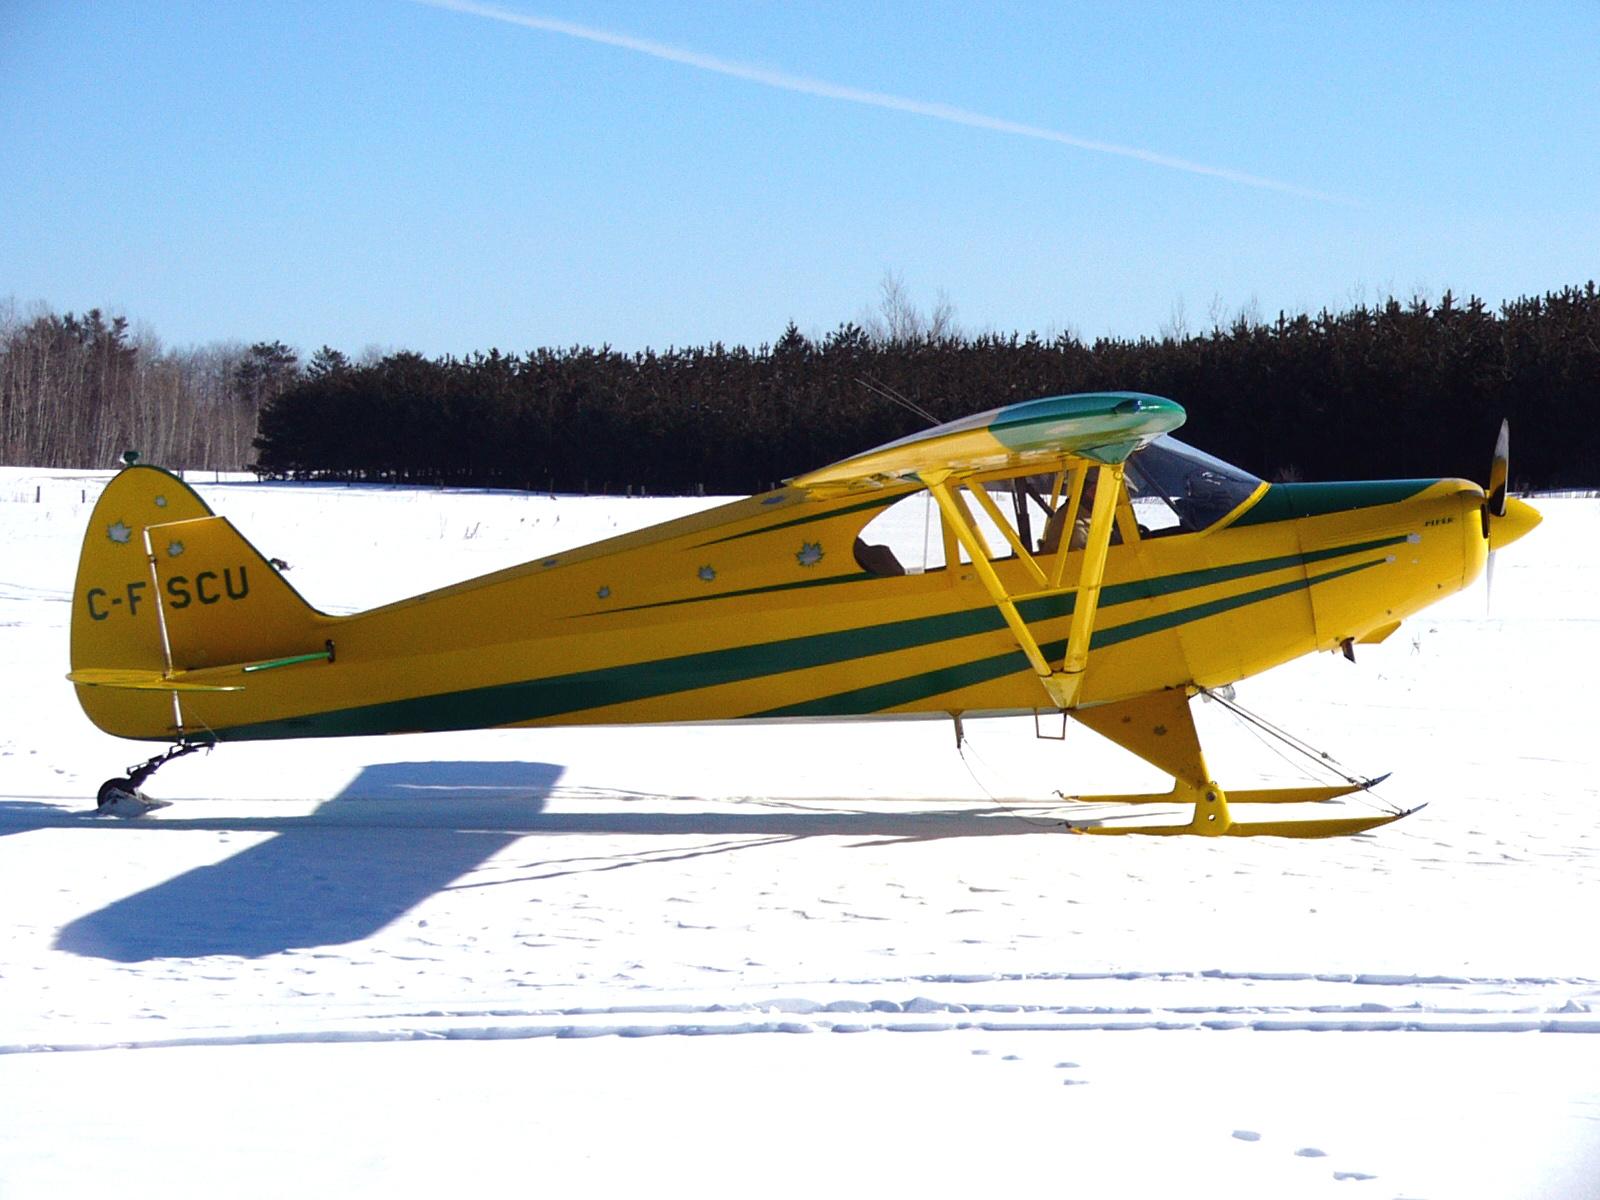 Piper PA-12 - Wikipedia